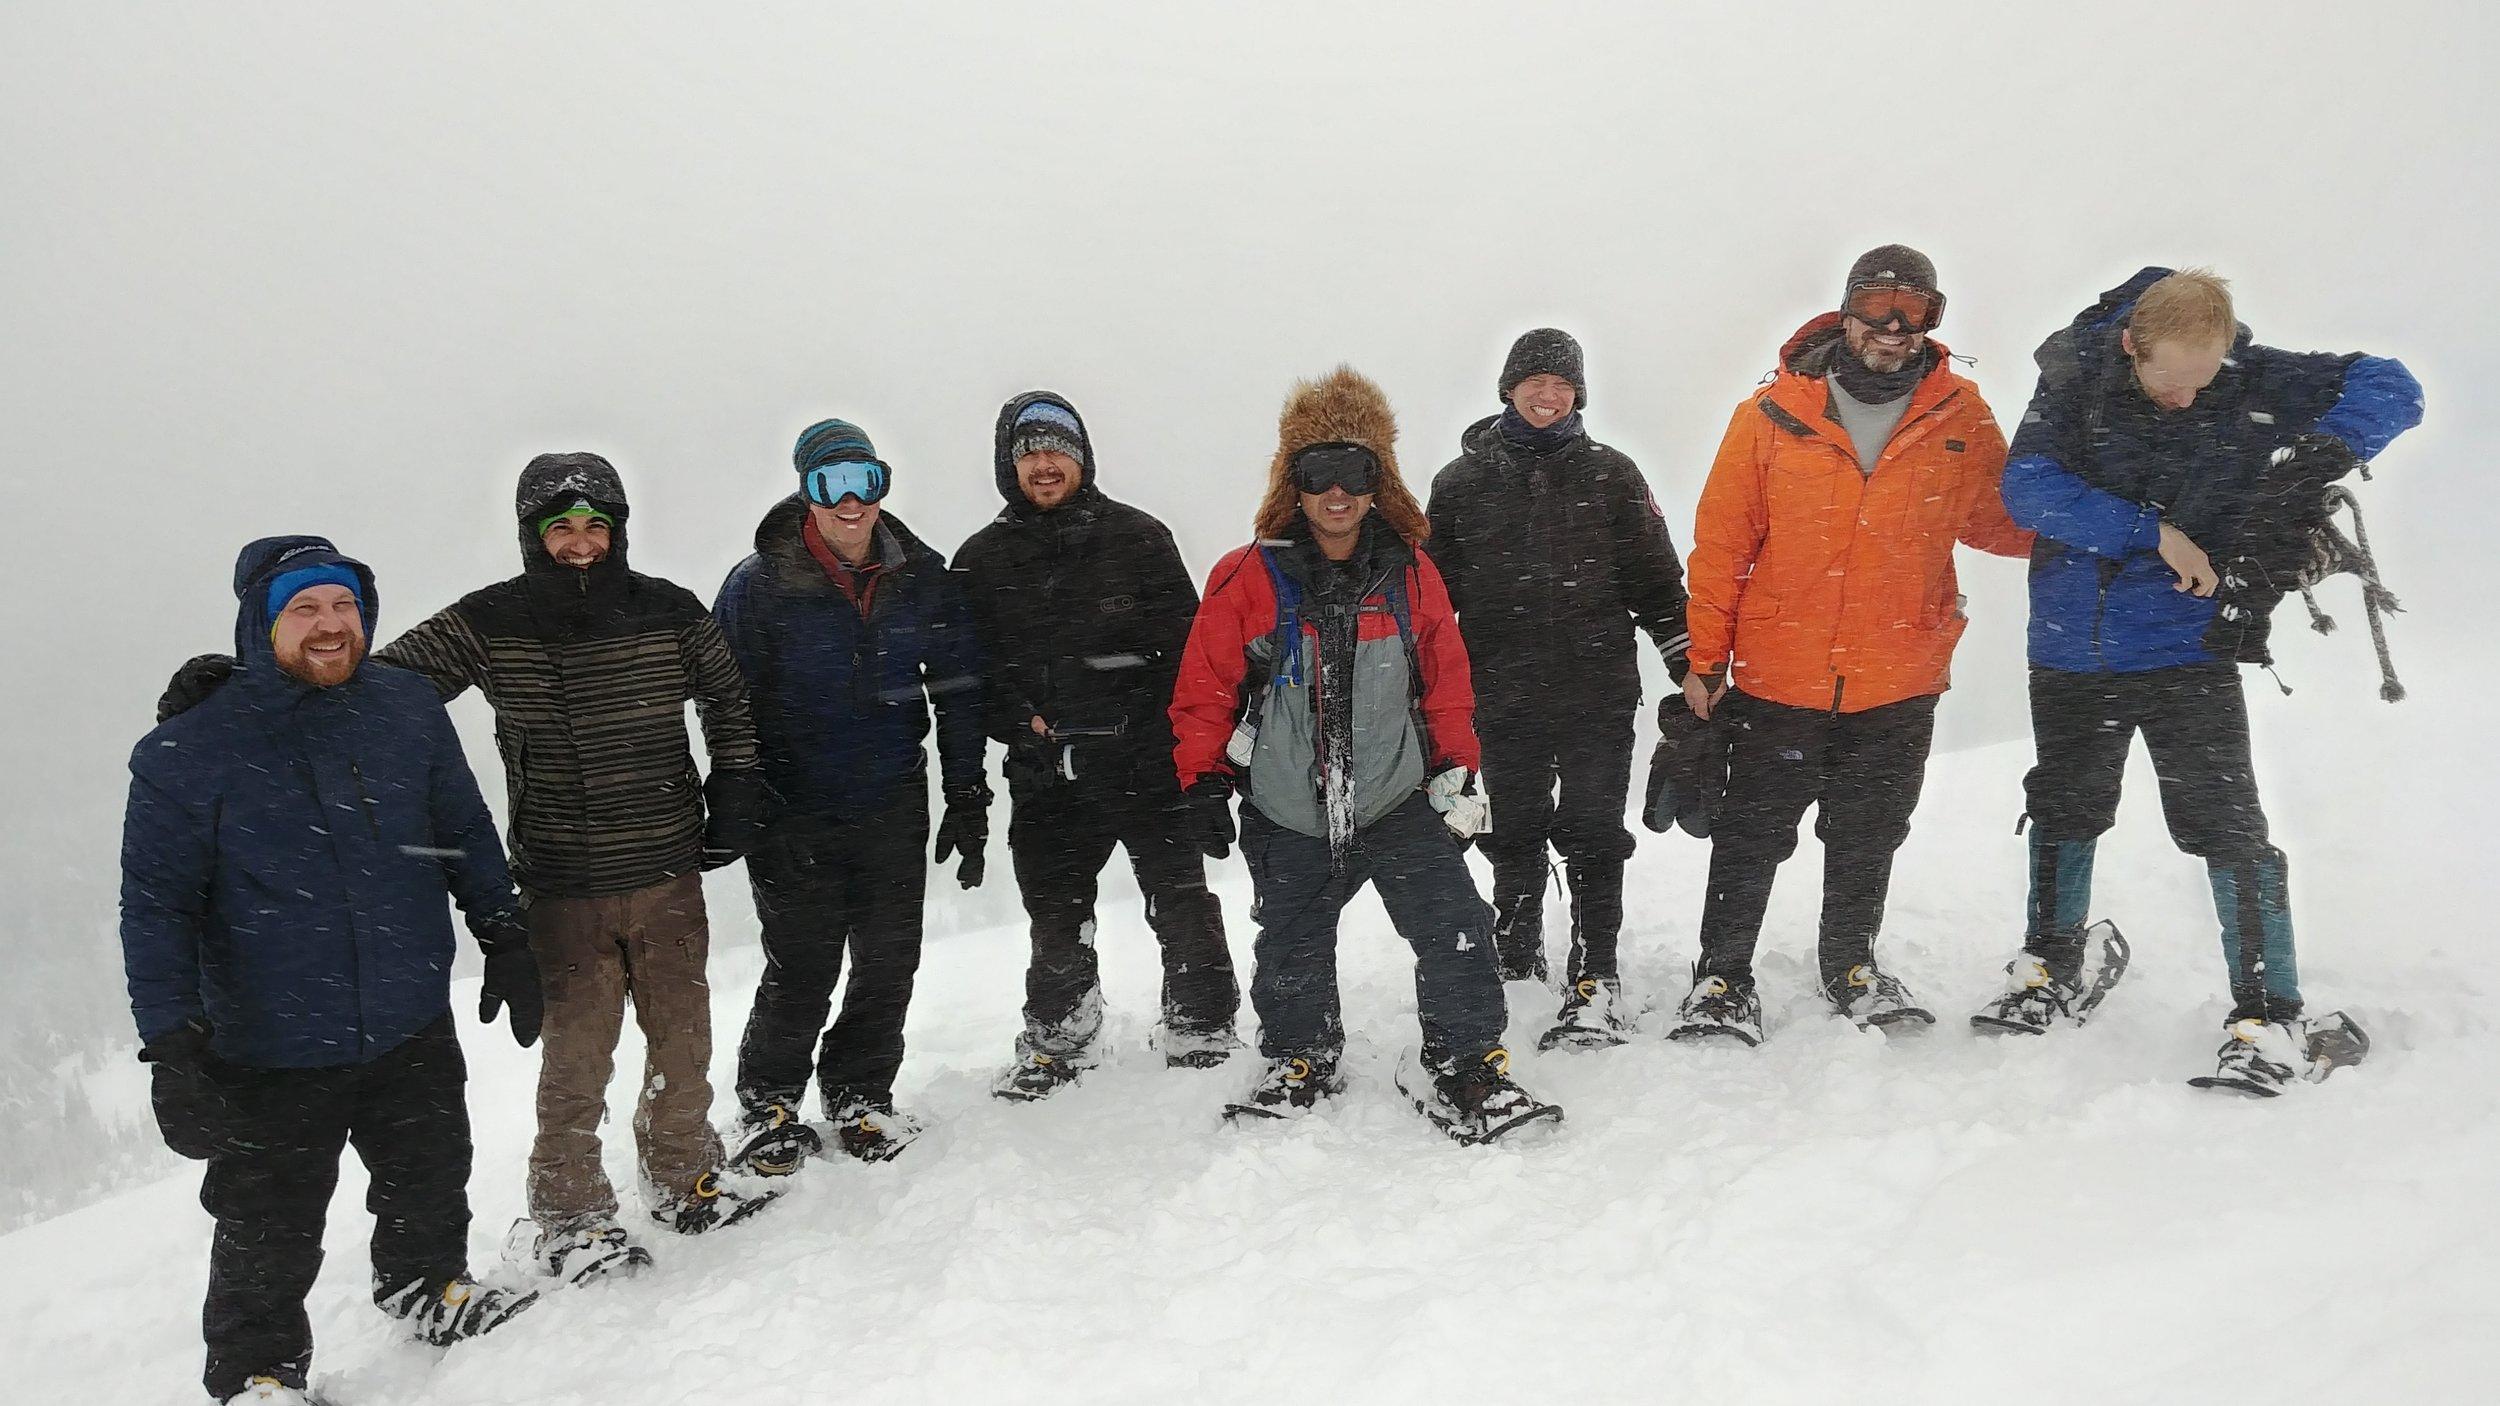 Snowshoe Tumalo Mountain